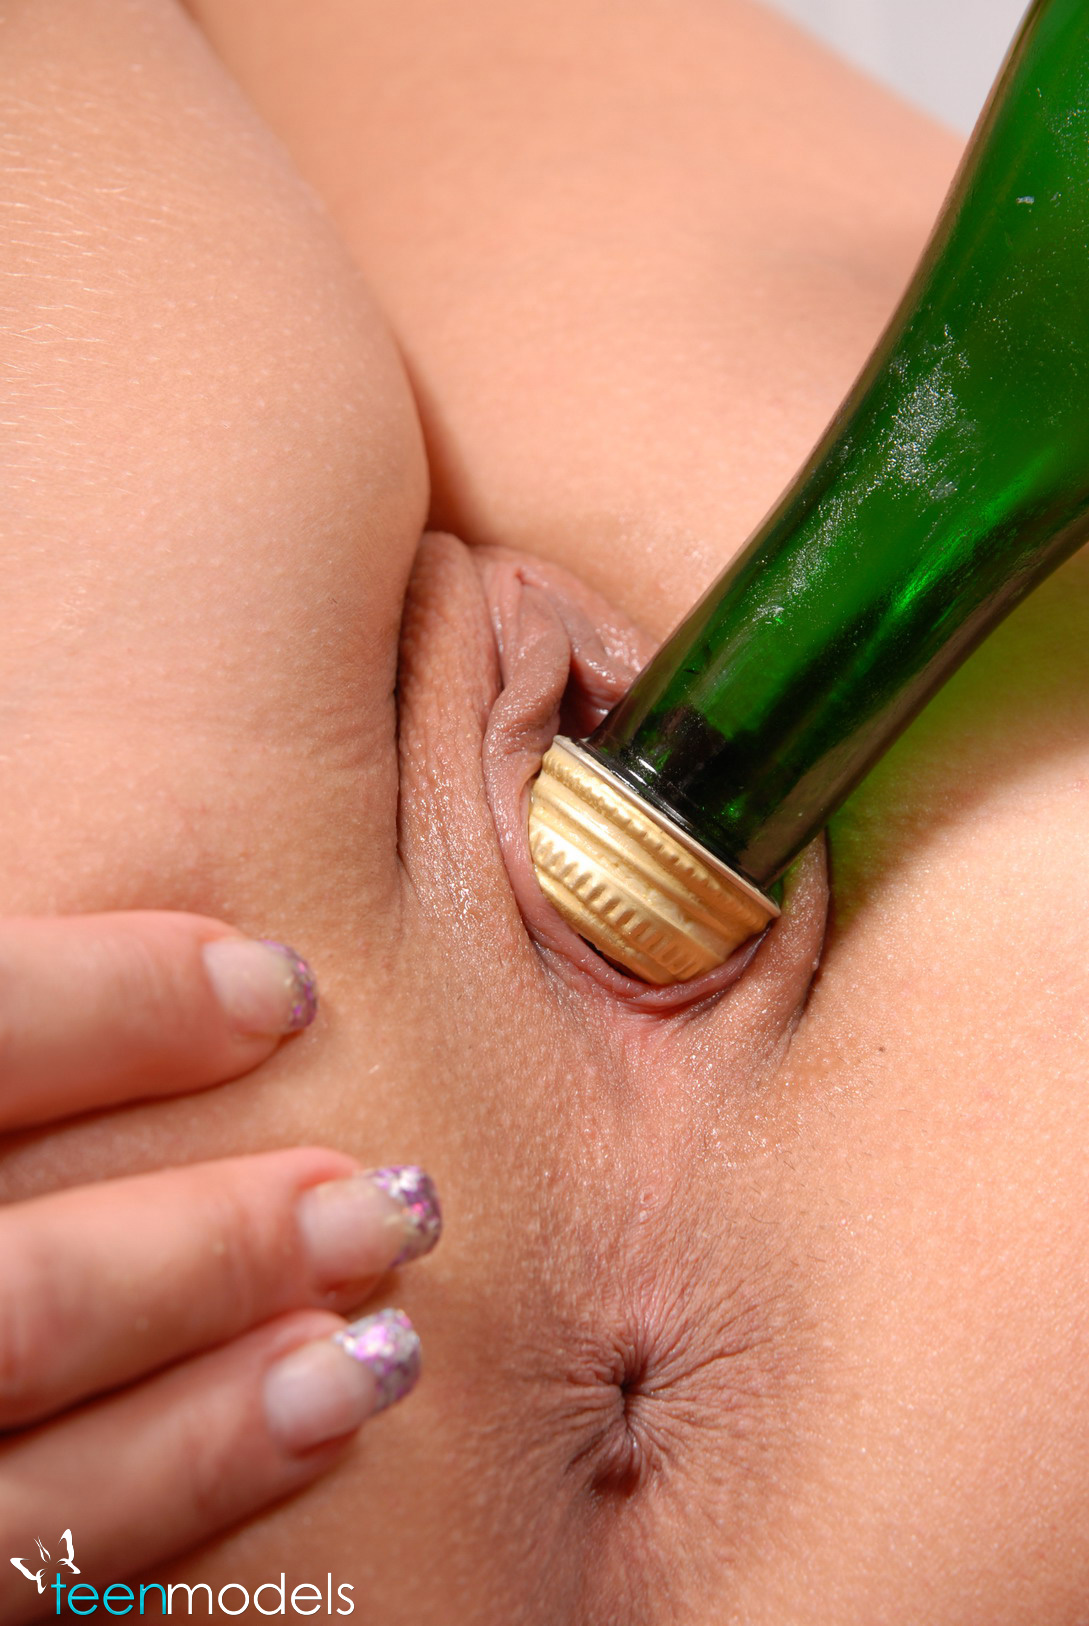 телки засовывают себе бутылки фото кружева